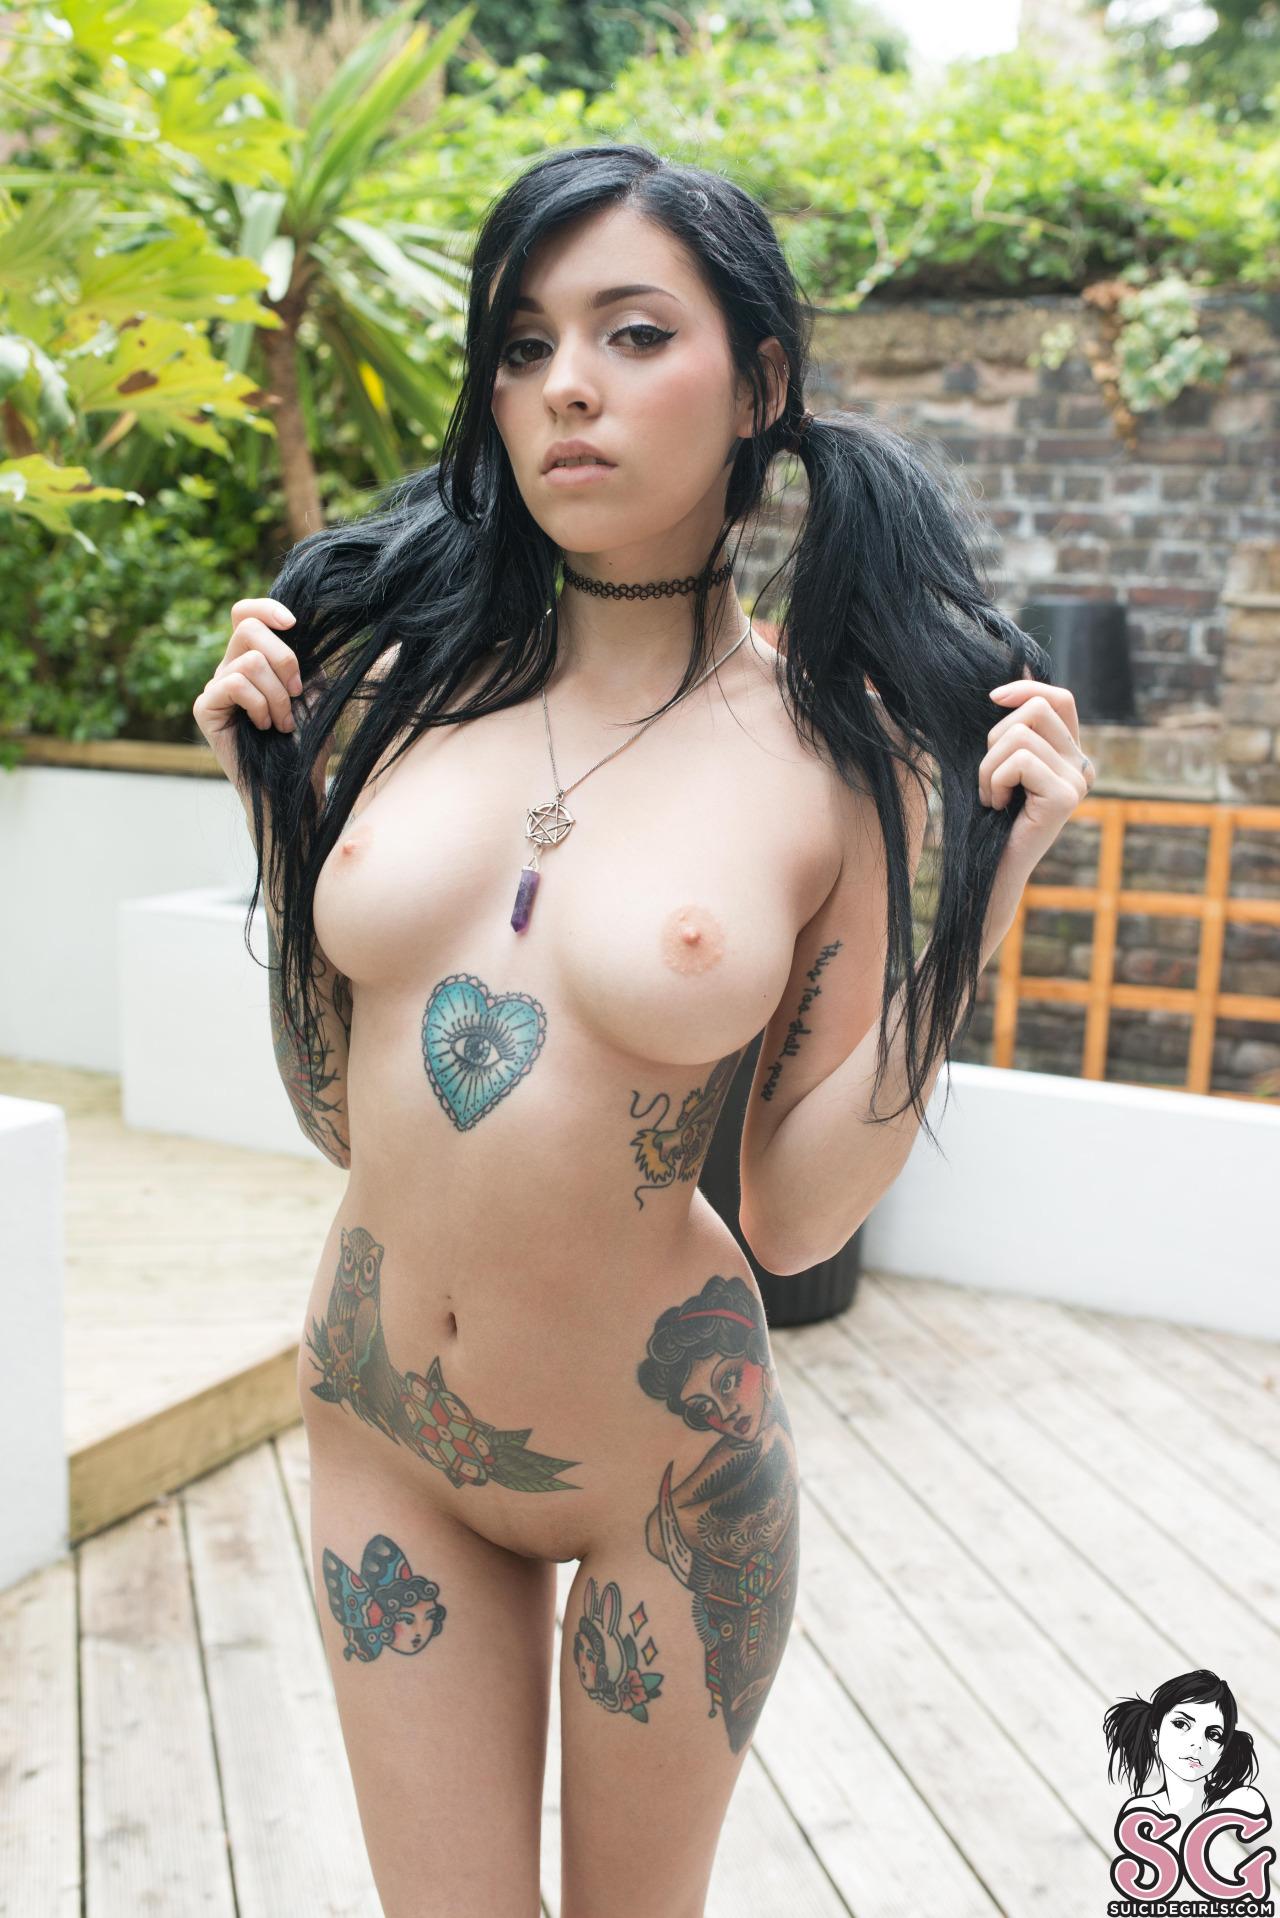 Coralinne suicide nude